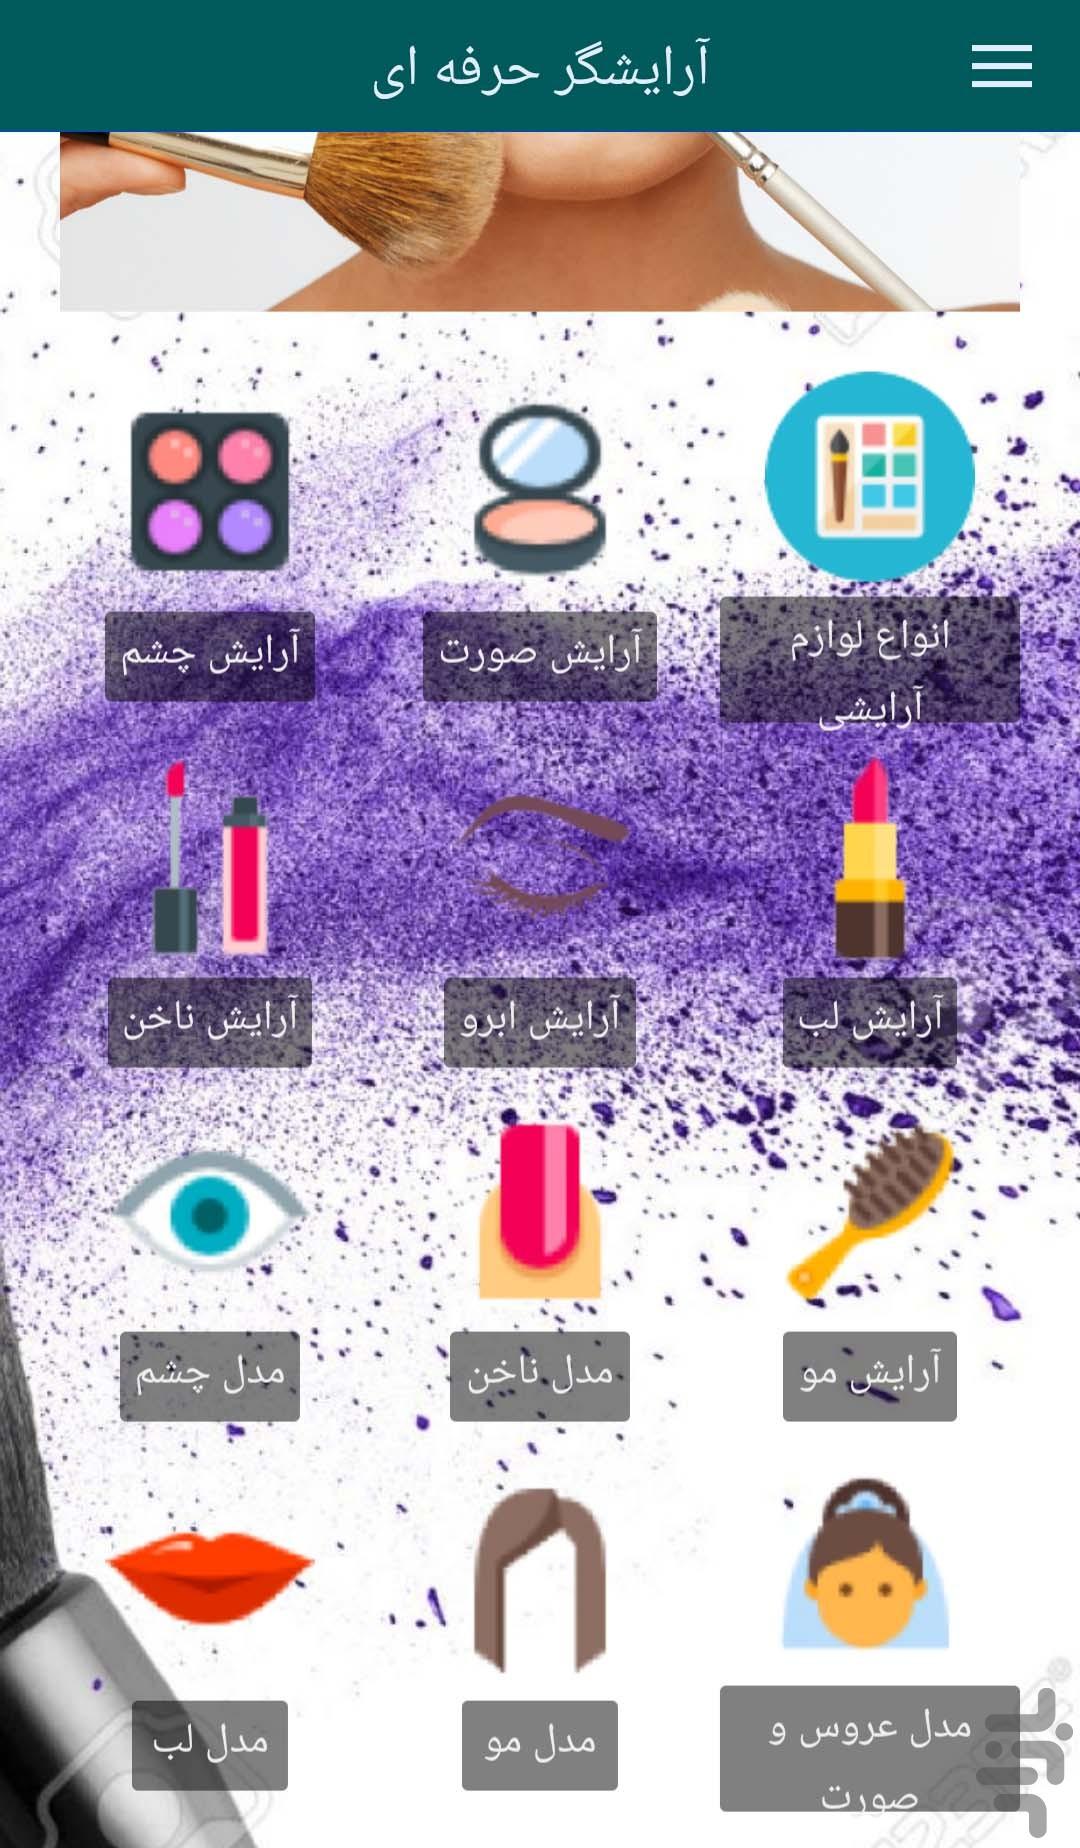 جورجی ارایشگر حرفه ای آرایشگر حرفه ای (آموزش آرایش صورت) - دانلود | نصب برنامه ...